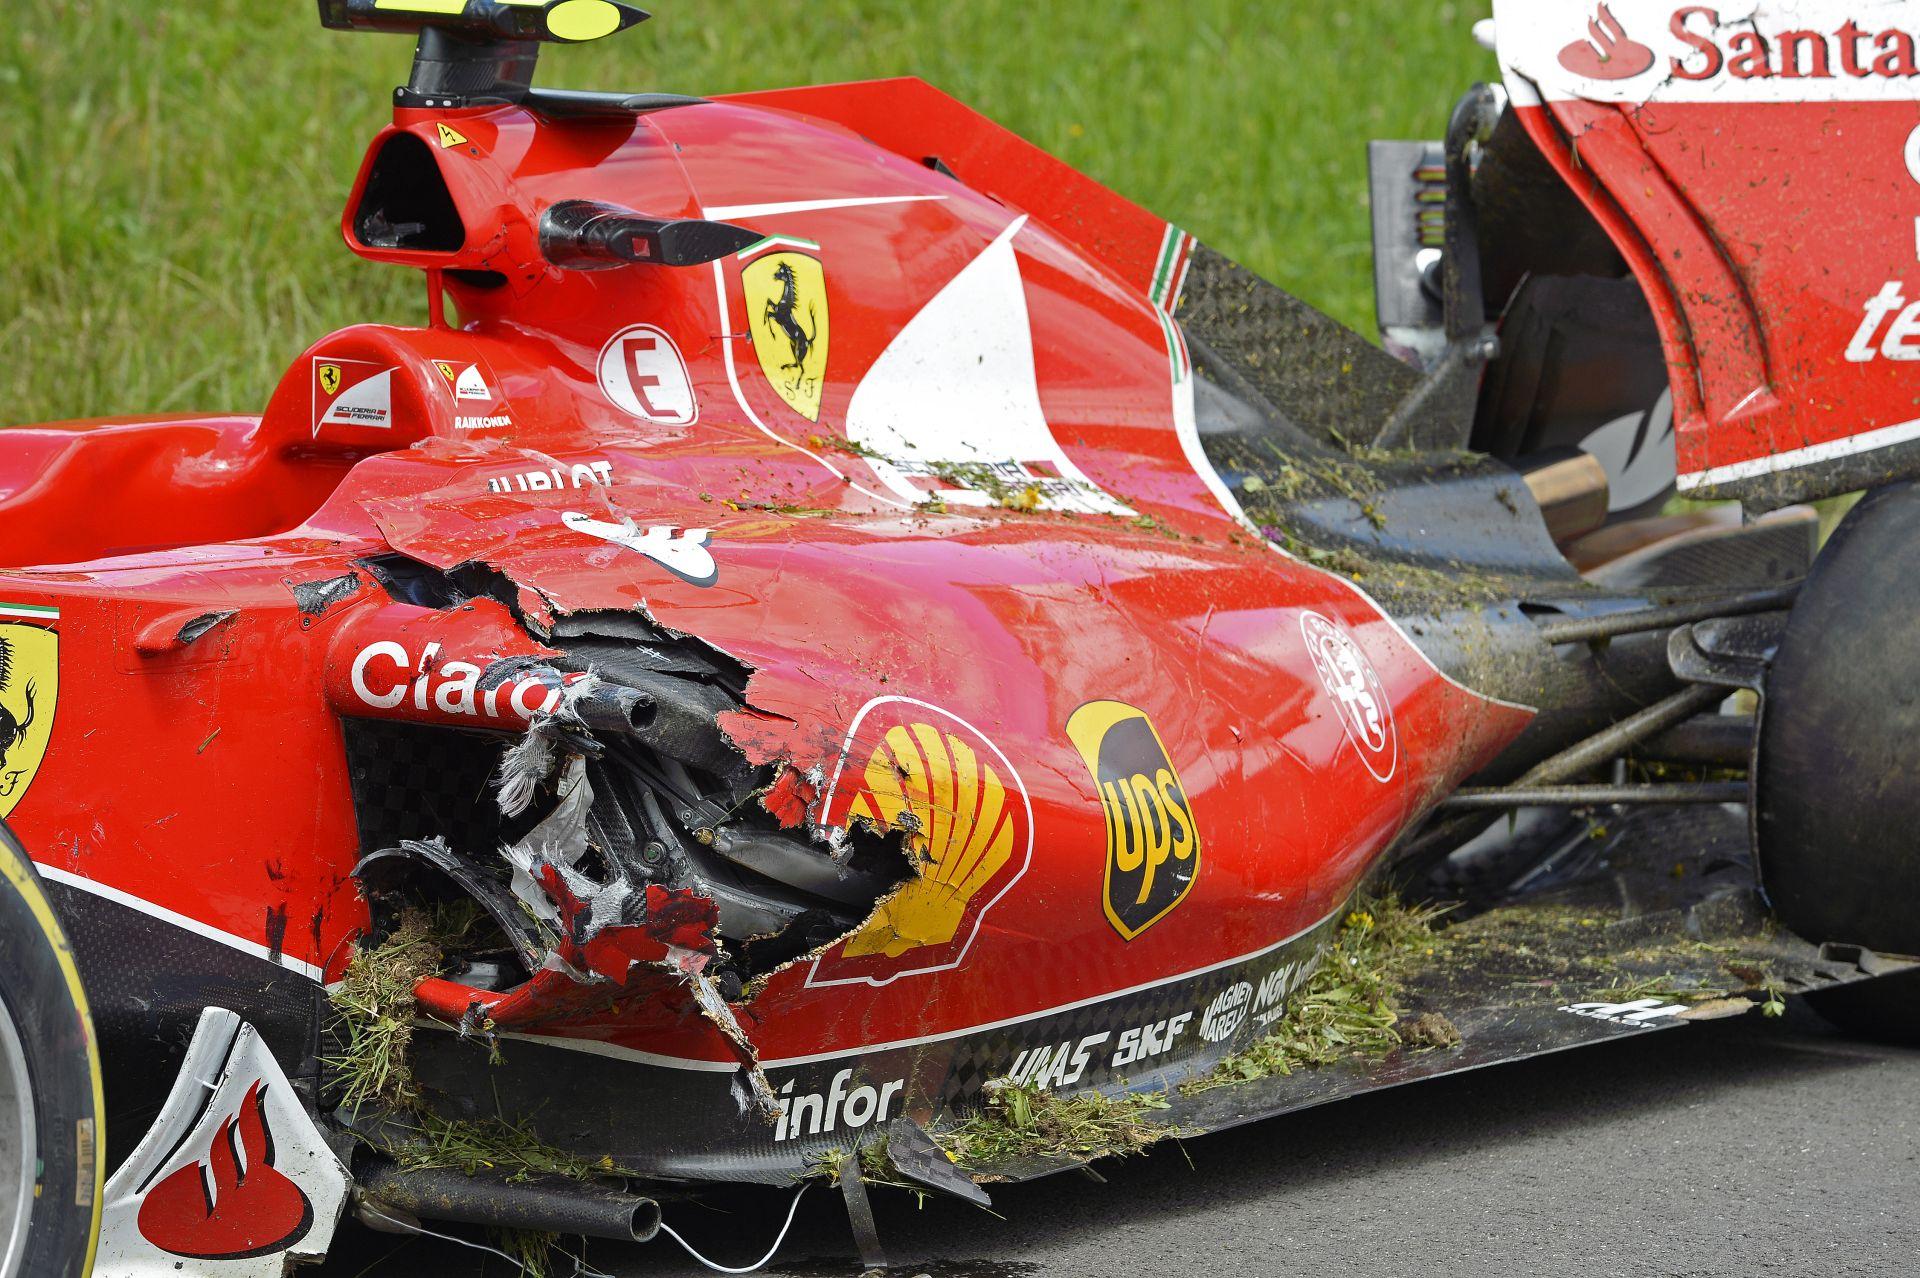 Egy újabb borzalmasan unalmas F1-es futamon vagyunk túl?